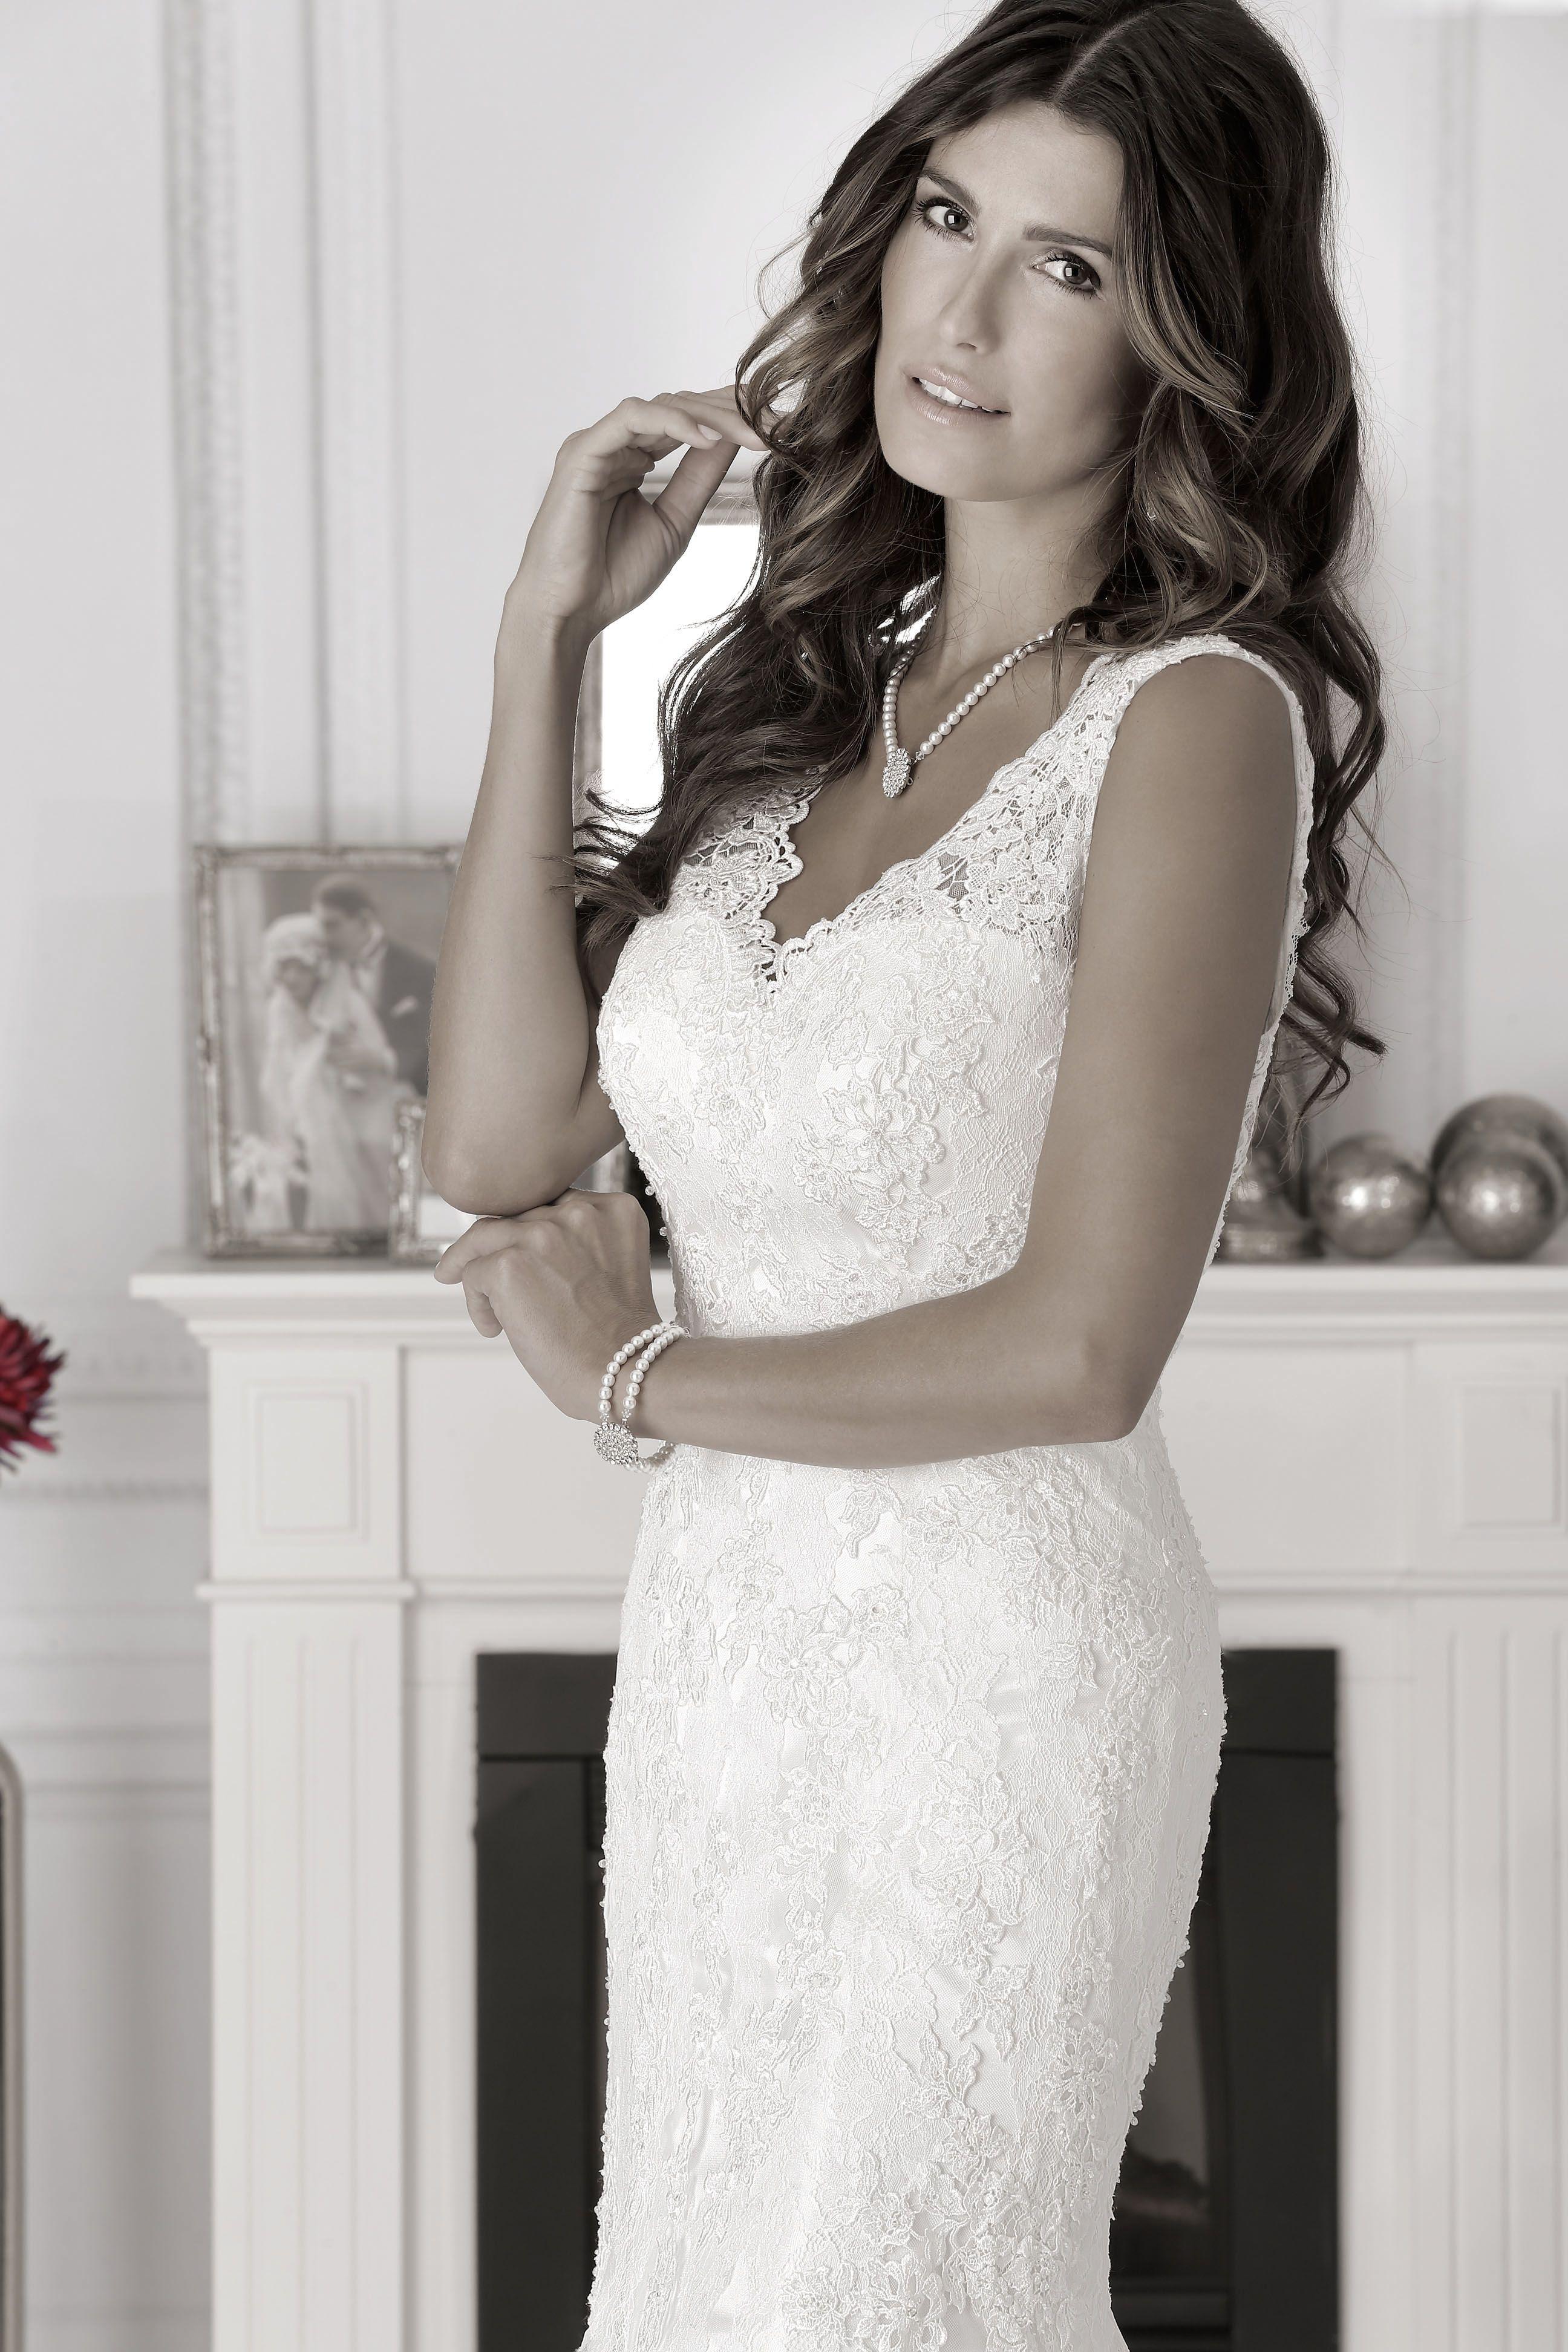 Tolle Alfred Gesungen Online Brautjunferkleider Fotos - Hochzeit ...